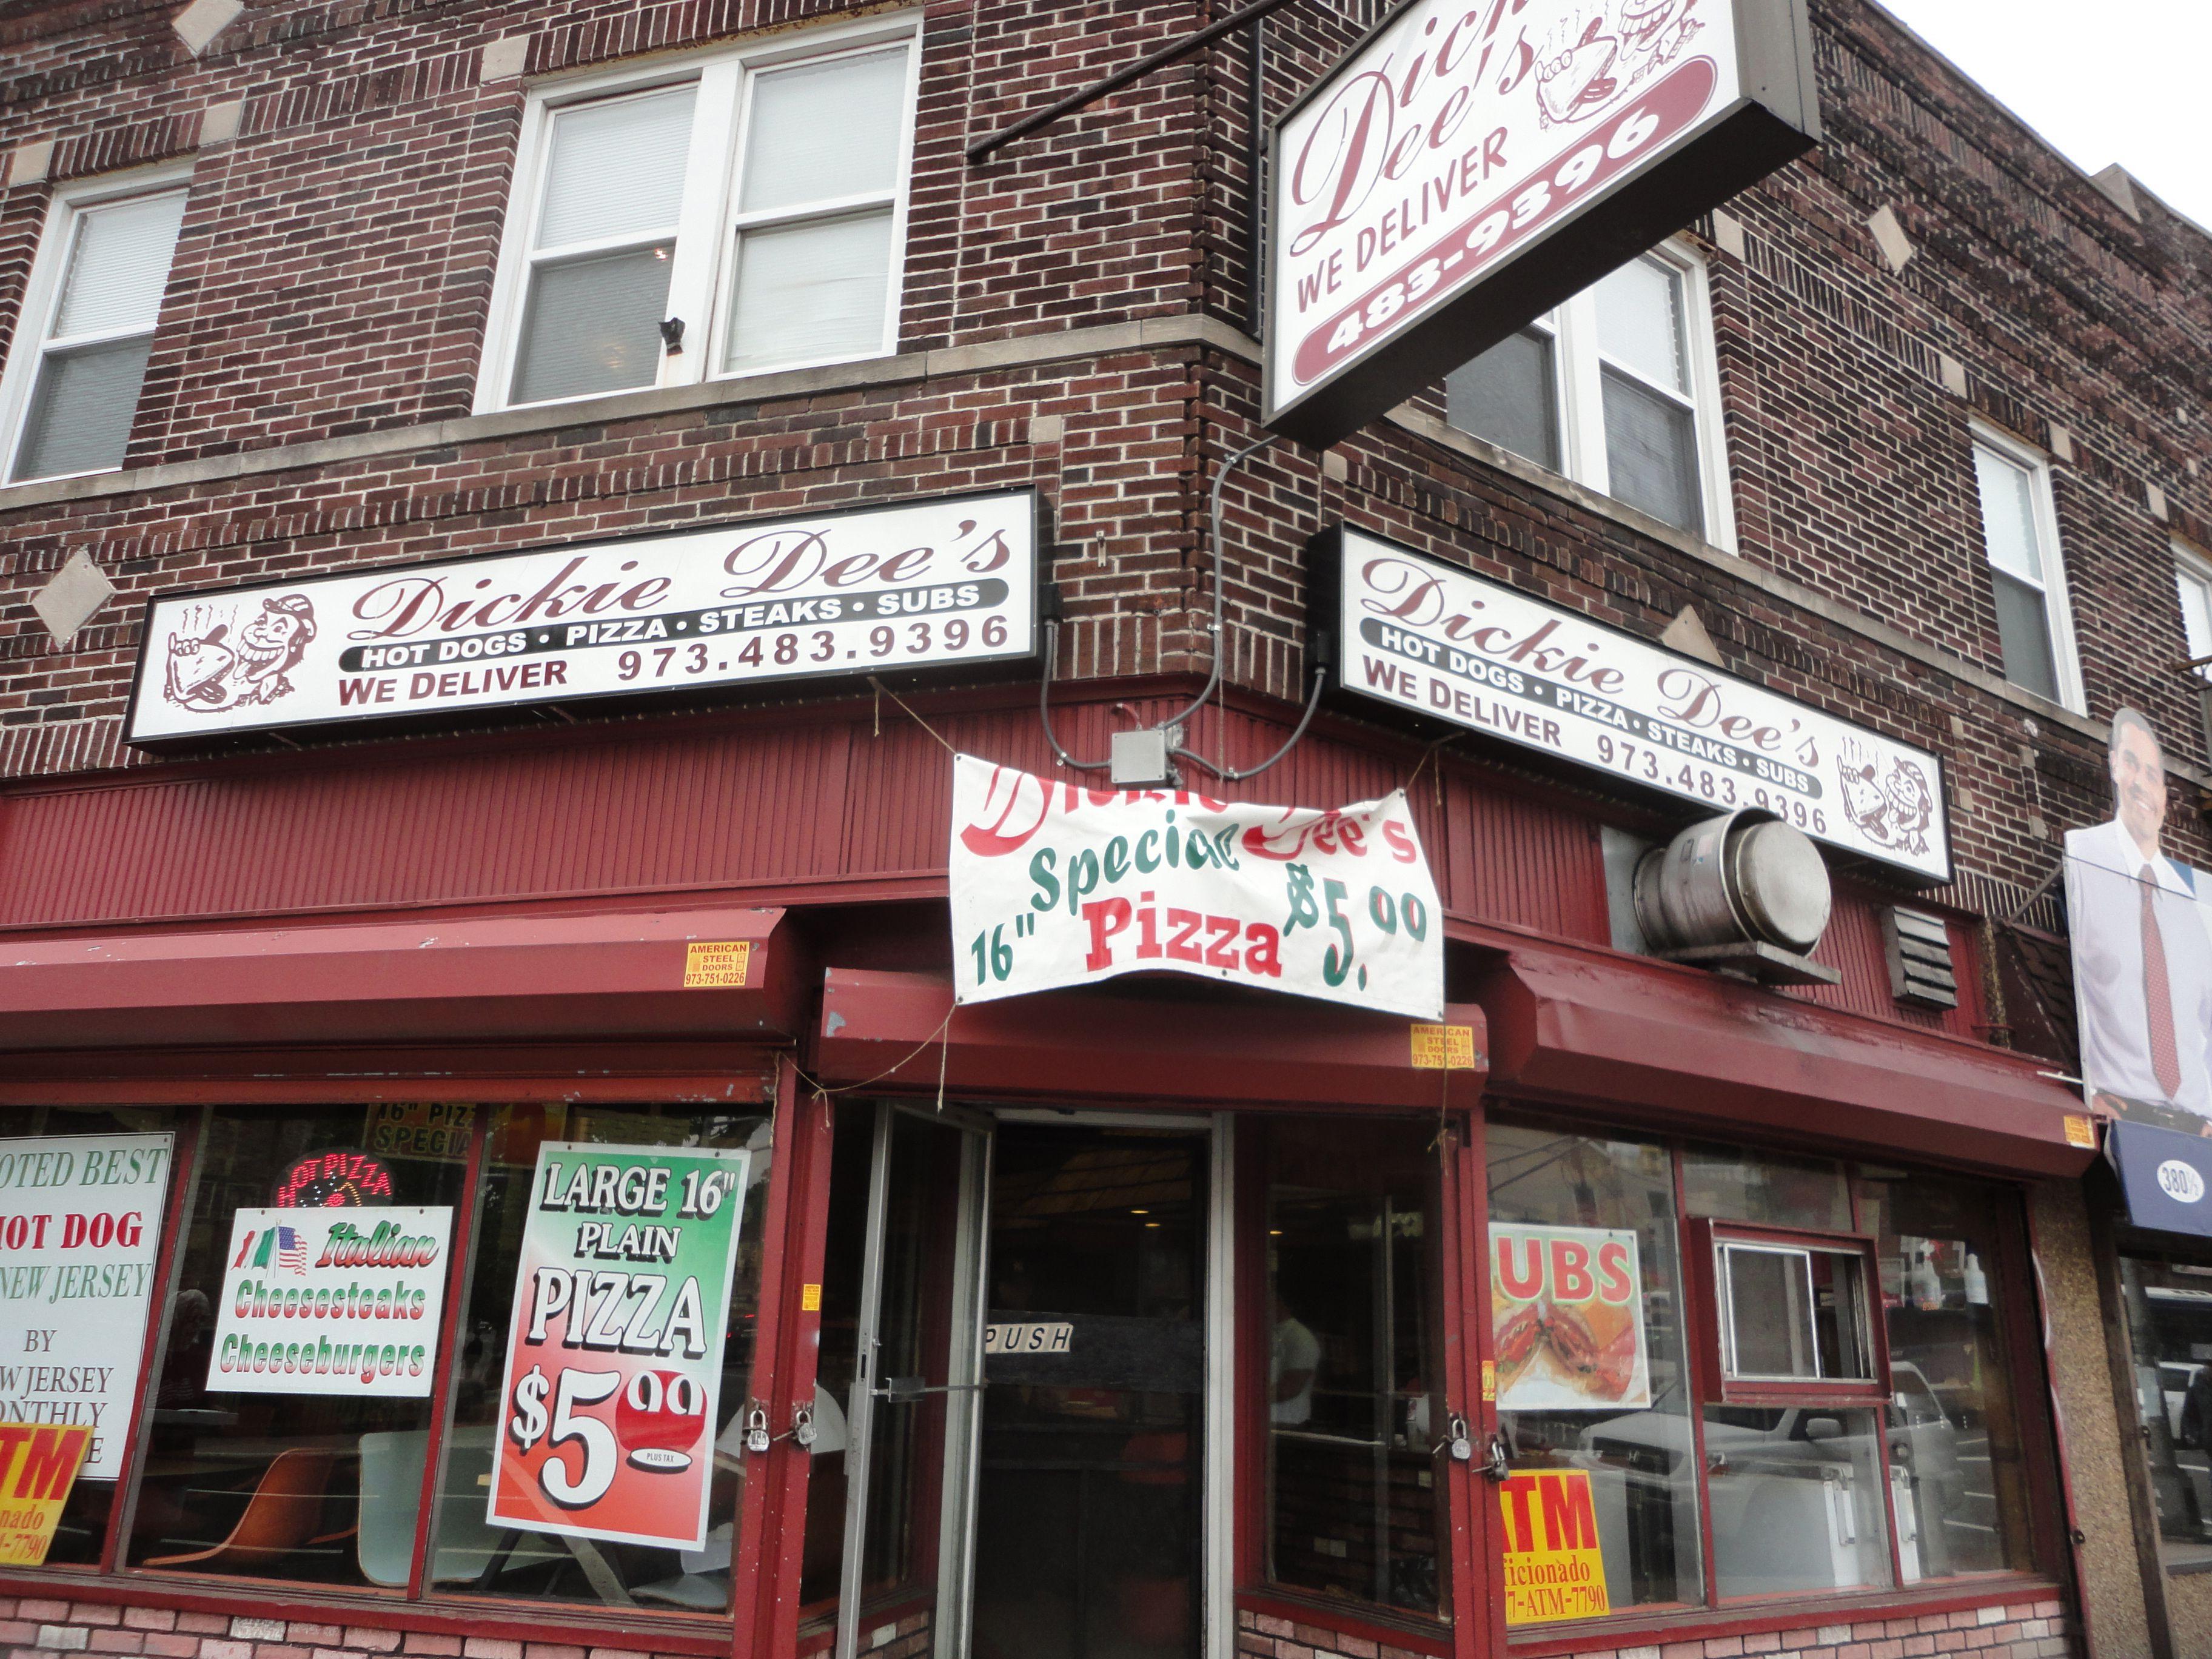 Ie Dee S Newark Nj Old School Eatery Known For Italian Hot Dogs Stuffed